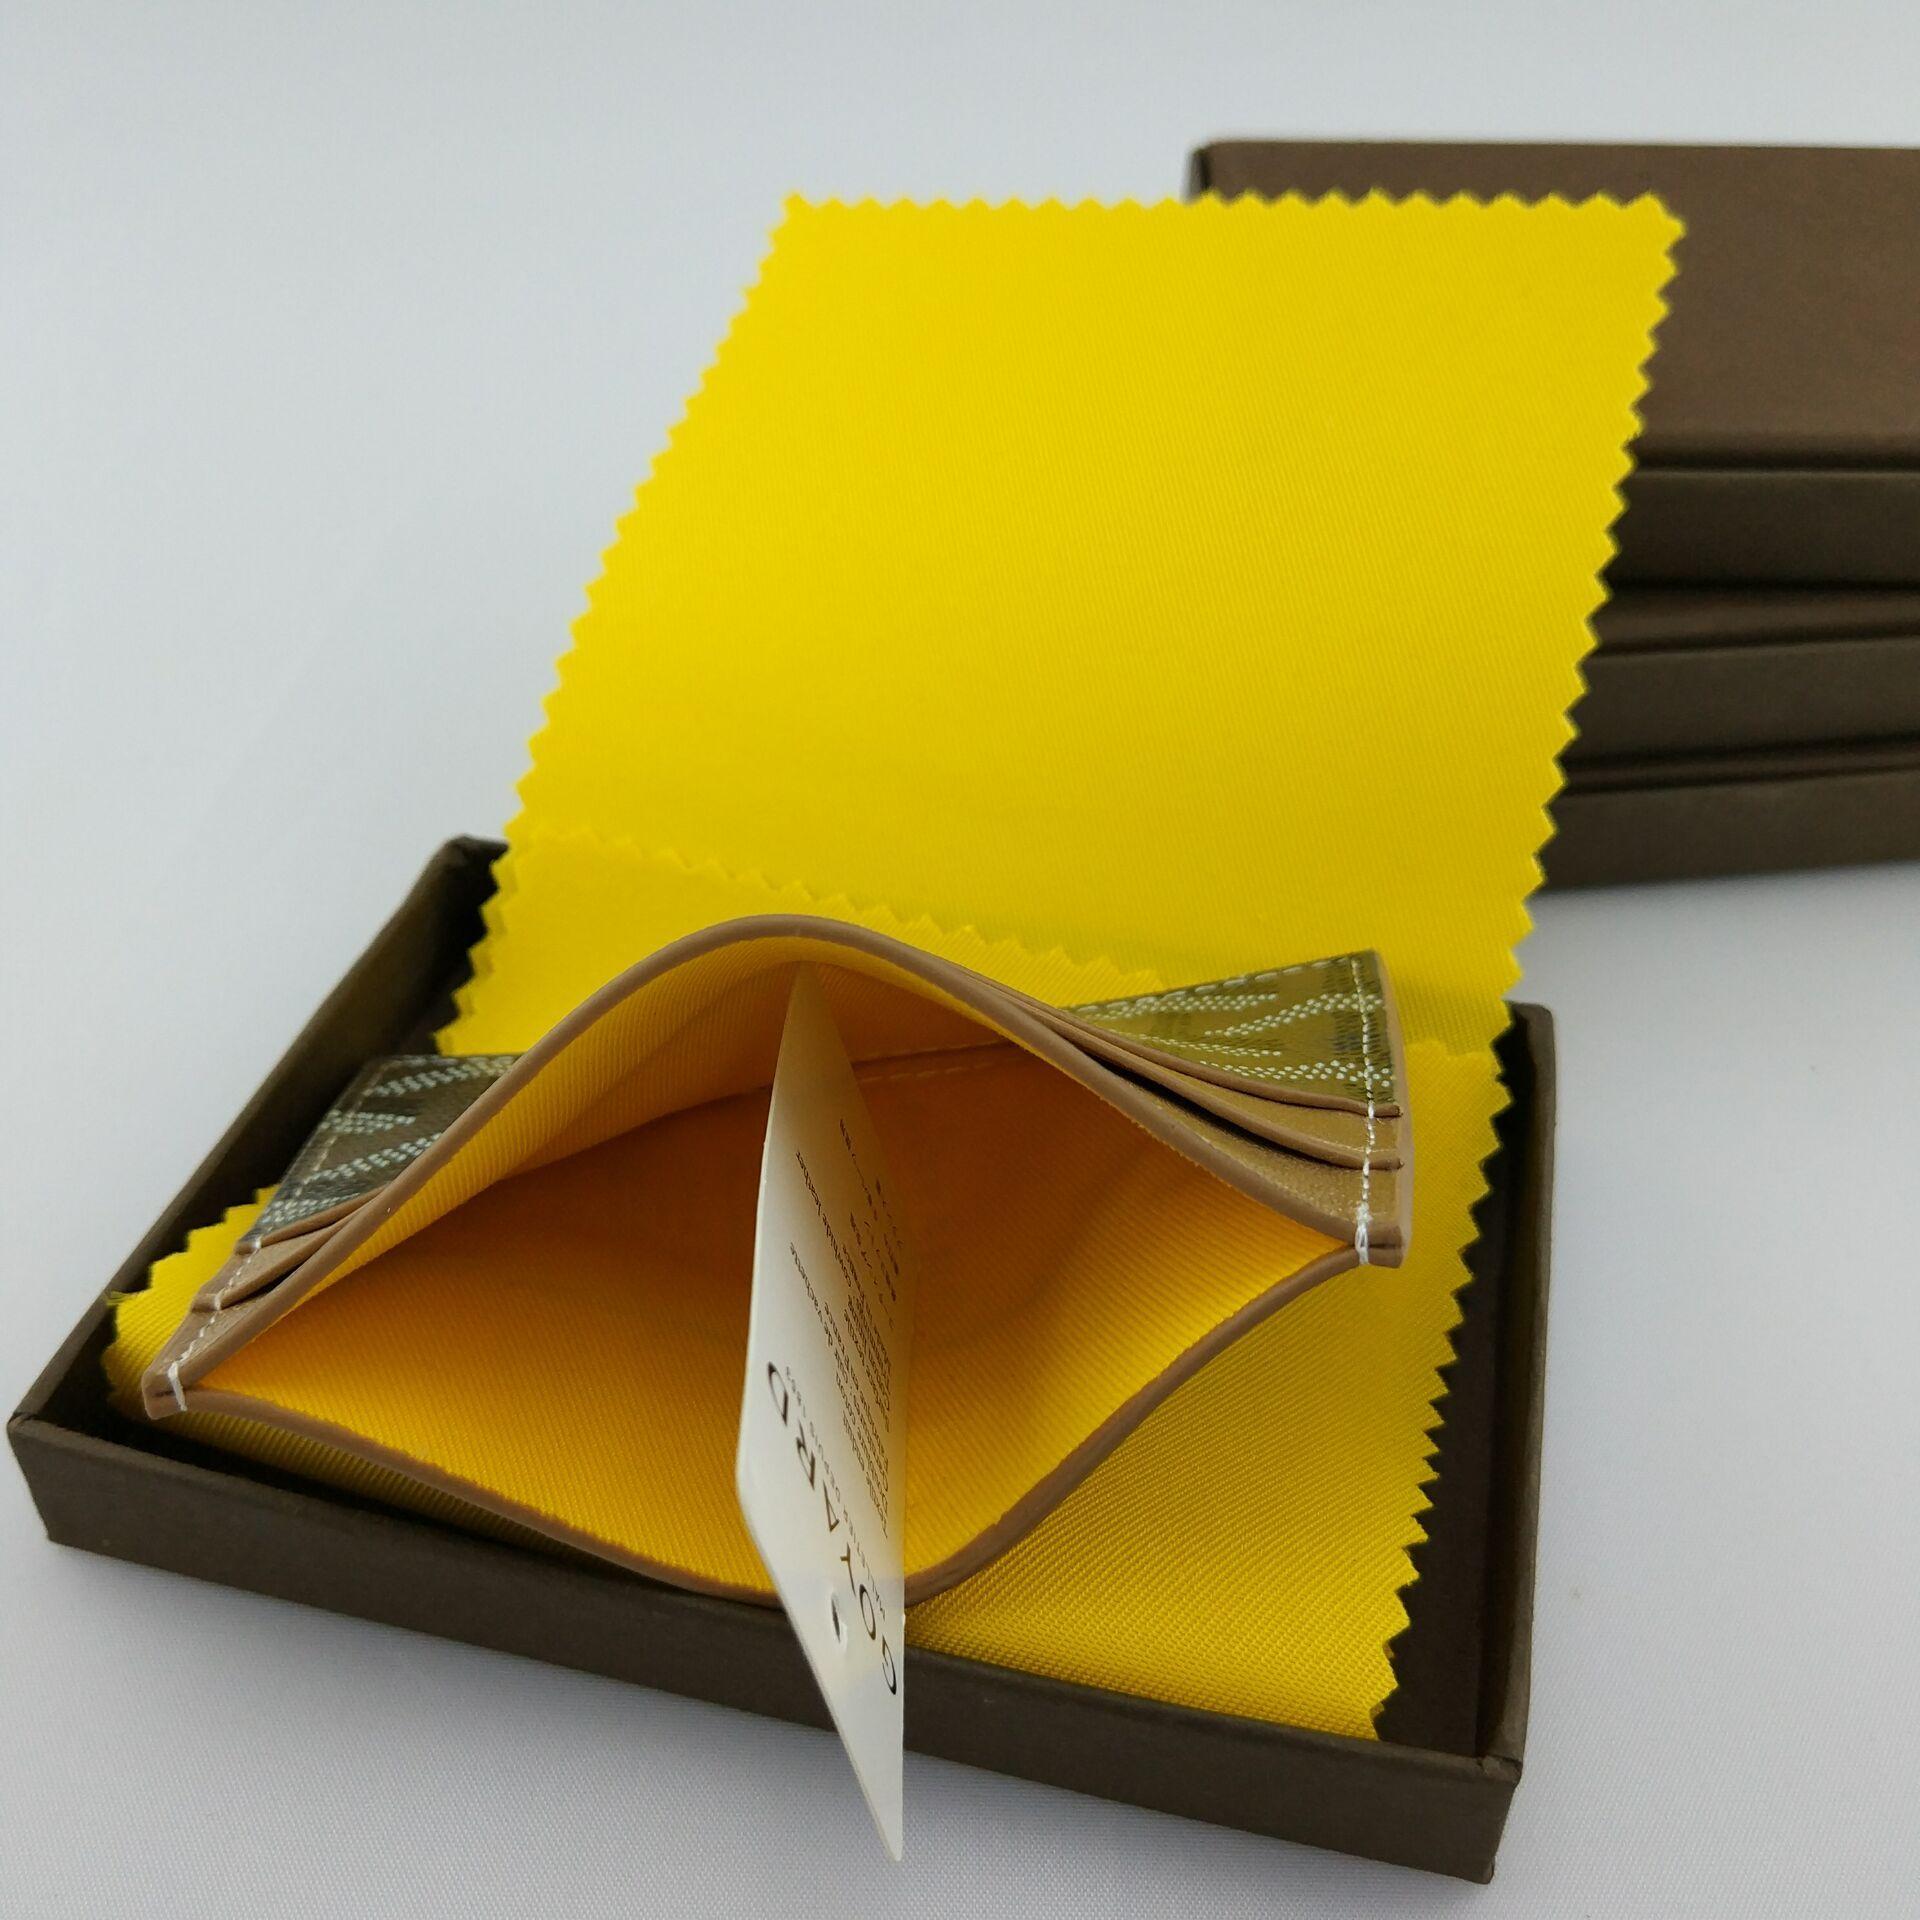 Toptan Klasik Tasarım Casual Kredi deri kart seti kart paketi fransız gelgit Kart KIMLIĞI Tutucu ile Ultra Ince Cüzdan Paket gy Çantası kutusu